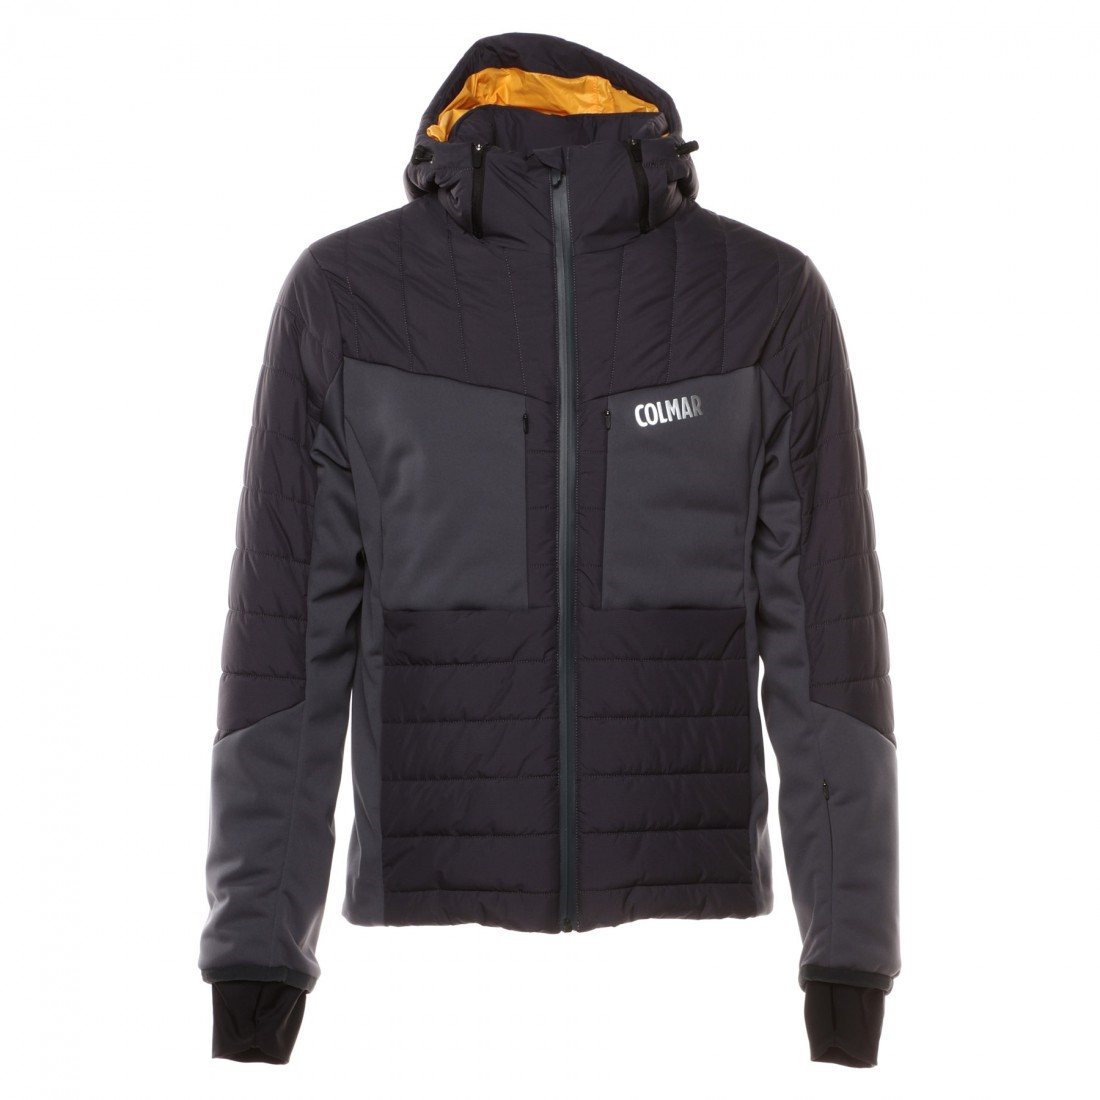 Rocky Sci Simone Colmar Giacca Mountains Online Shop 1377 3qt Md 5Efqfz